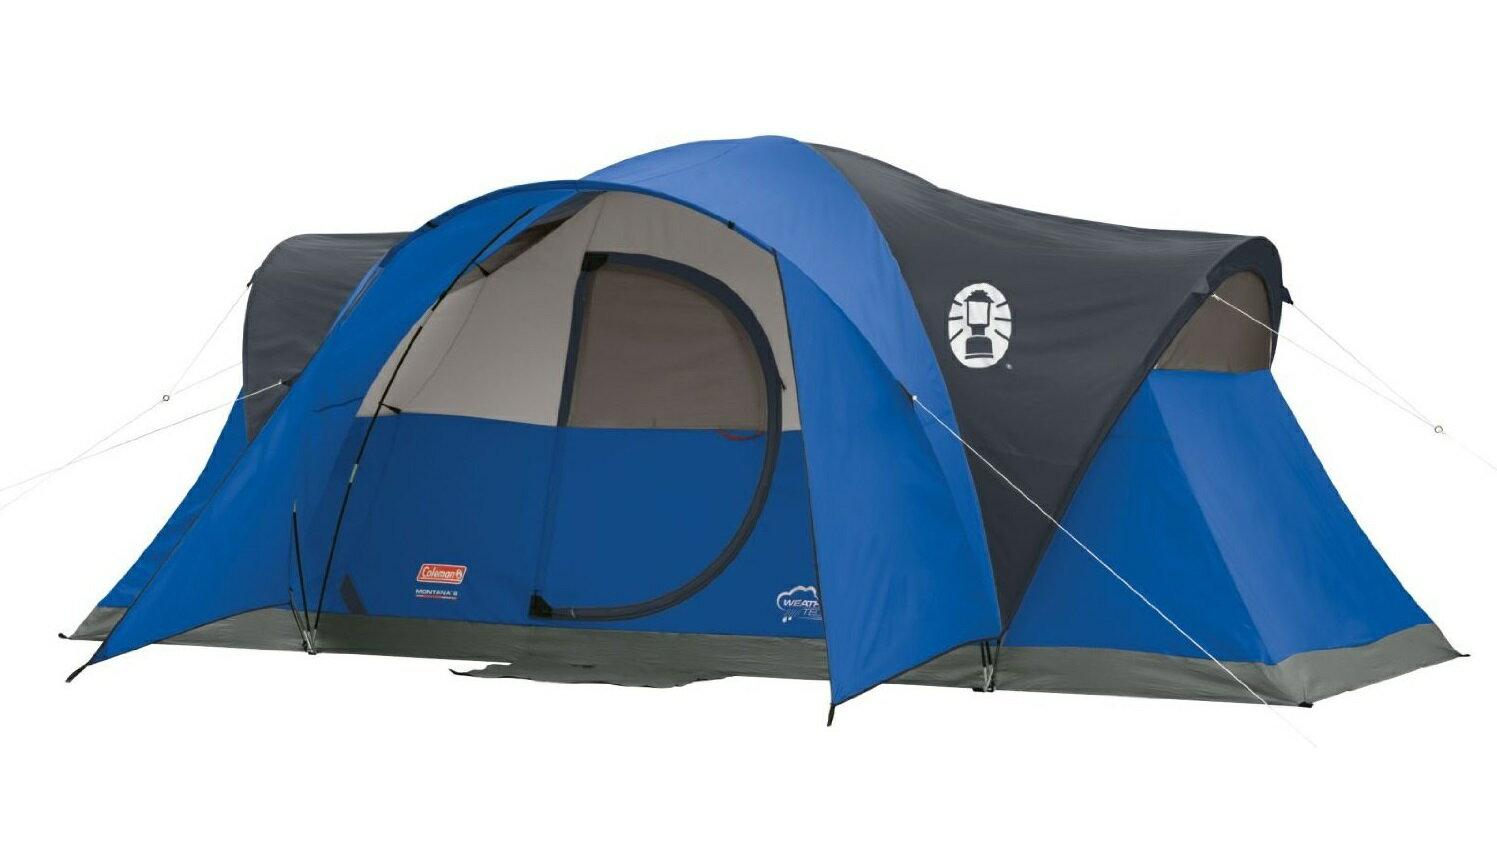 エアーベッド プレゼント中!コールマン テント モンタナ 8人用 ドームテント ブルー 大型テント Coleman Montana 8-Person Tent Blue